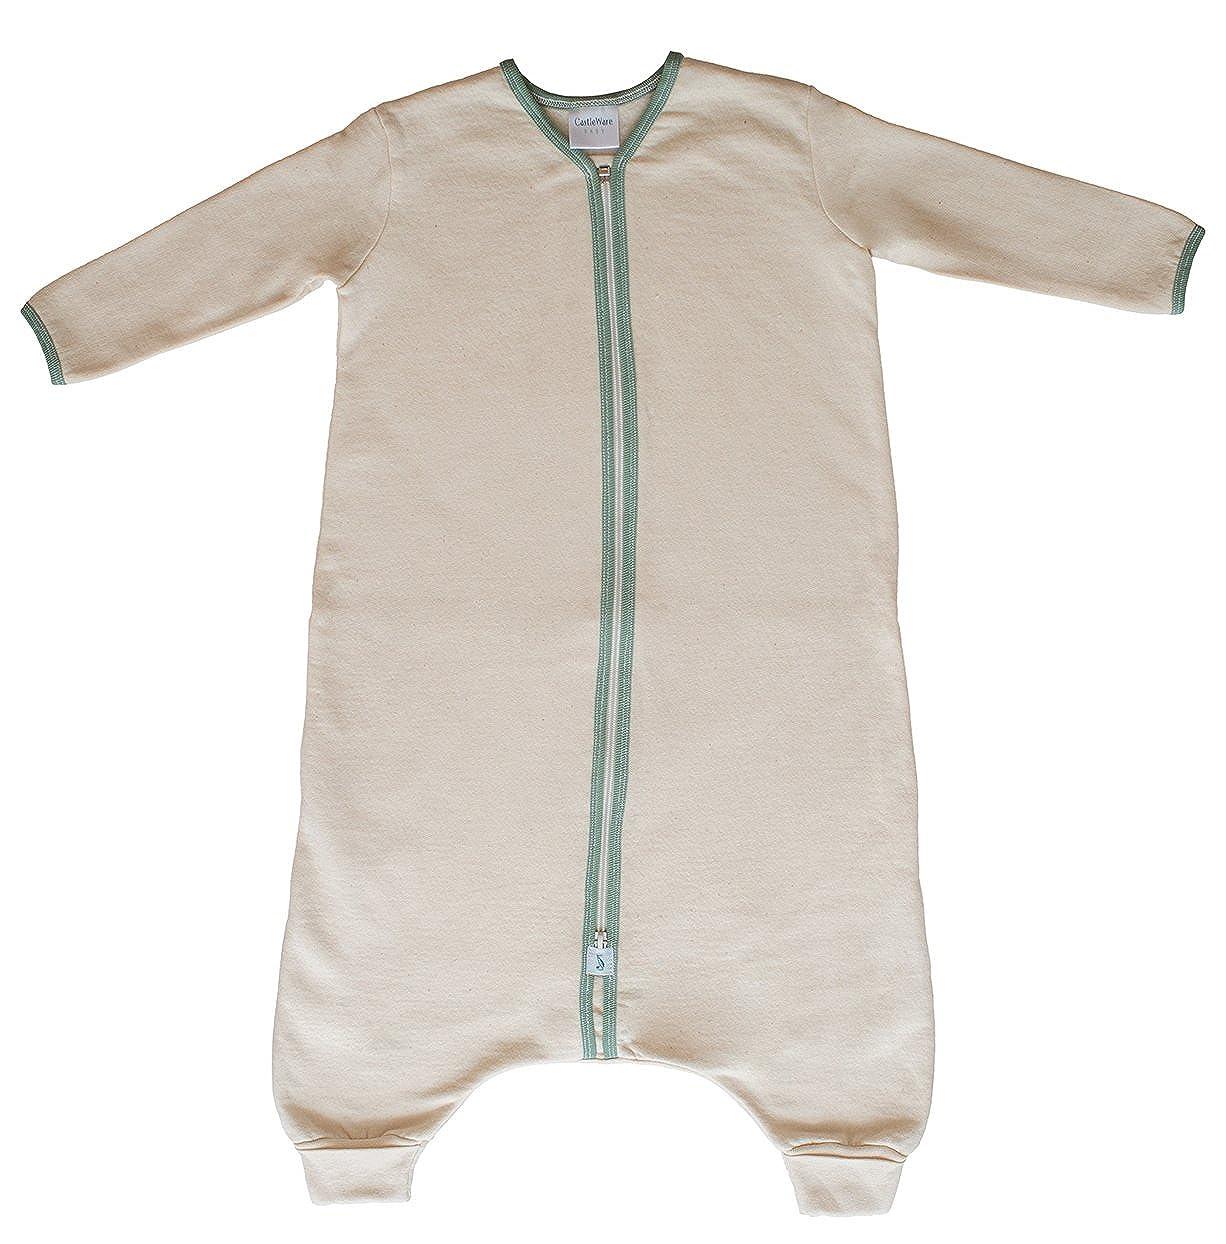 春先取りの castleware sleeve-12 baby-スリーバッグfor B06Y5CM37S walkers-有機コットンfleece-long sleeve-12 months-3t 3L months-3t モスグリーン B06Y5CM37S, 生活計量(ライフスケール):d5fe1c78 --- a0267596.xsph.ru